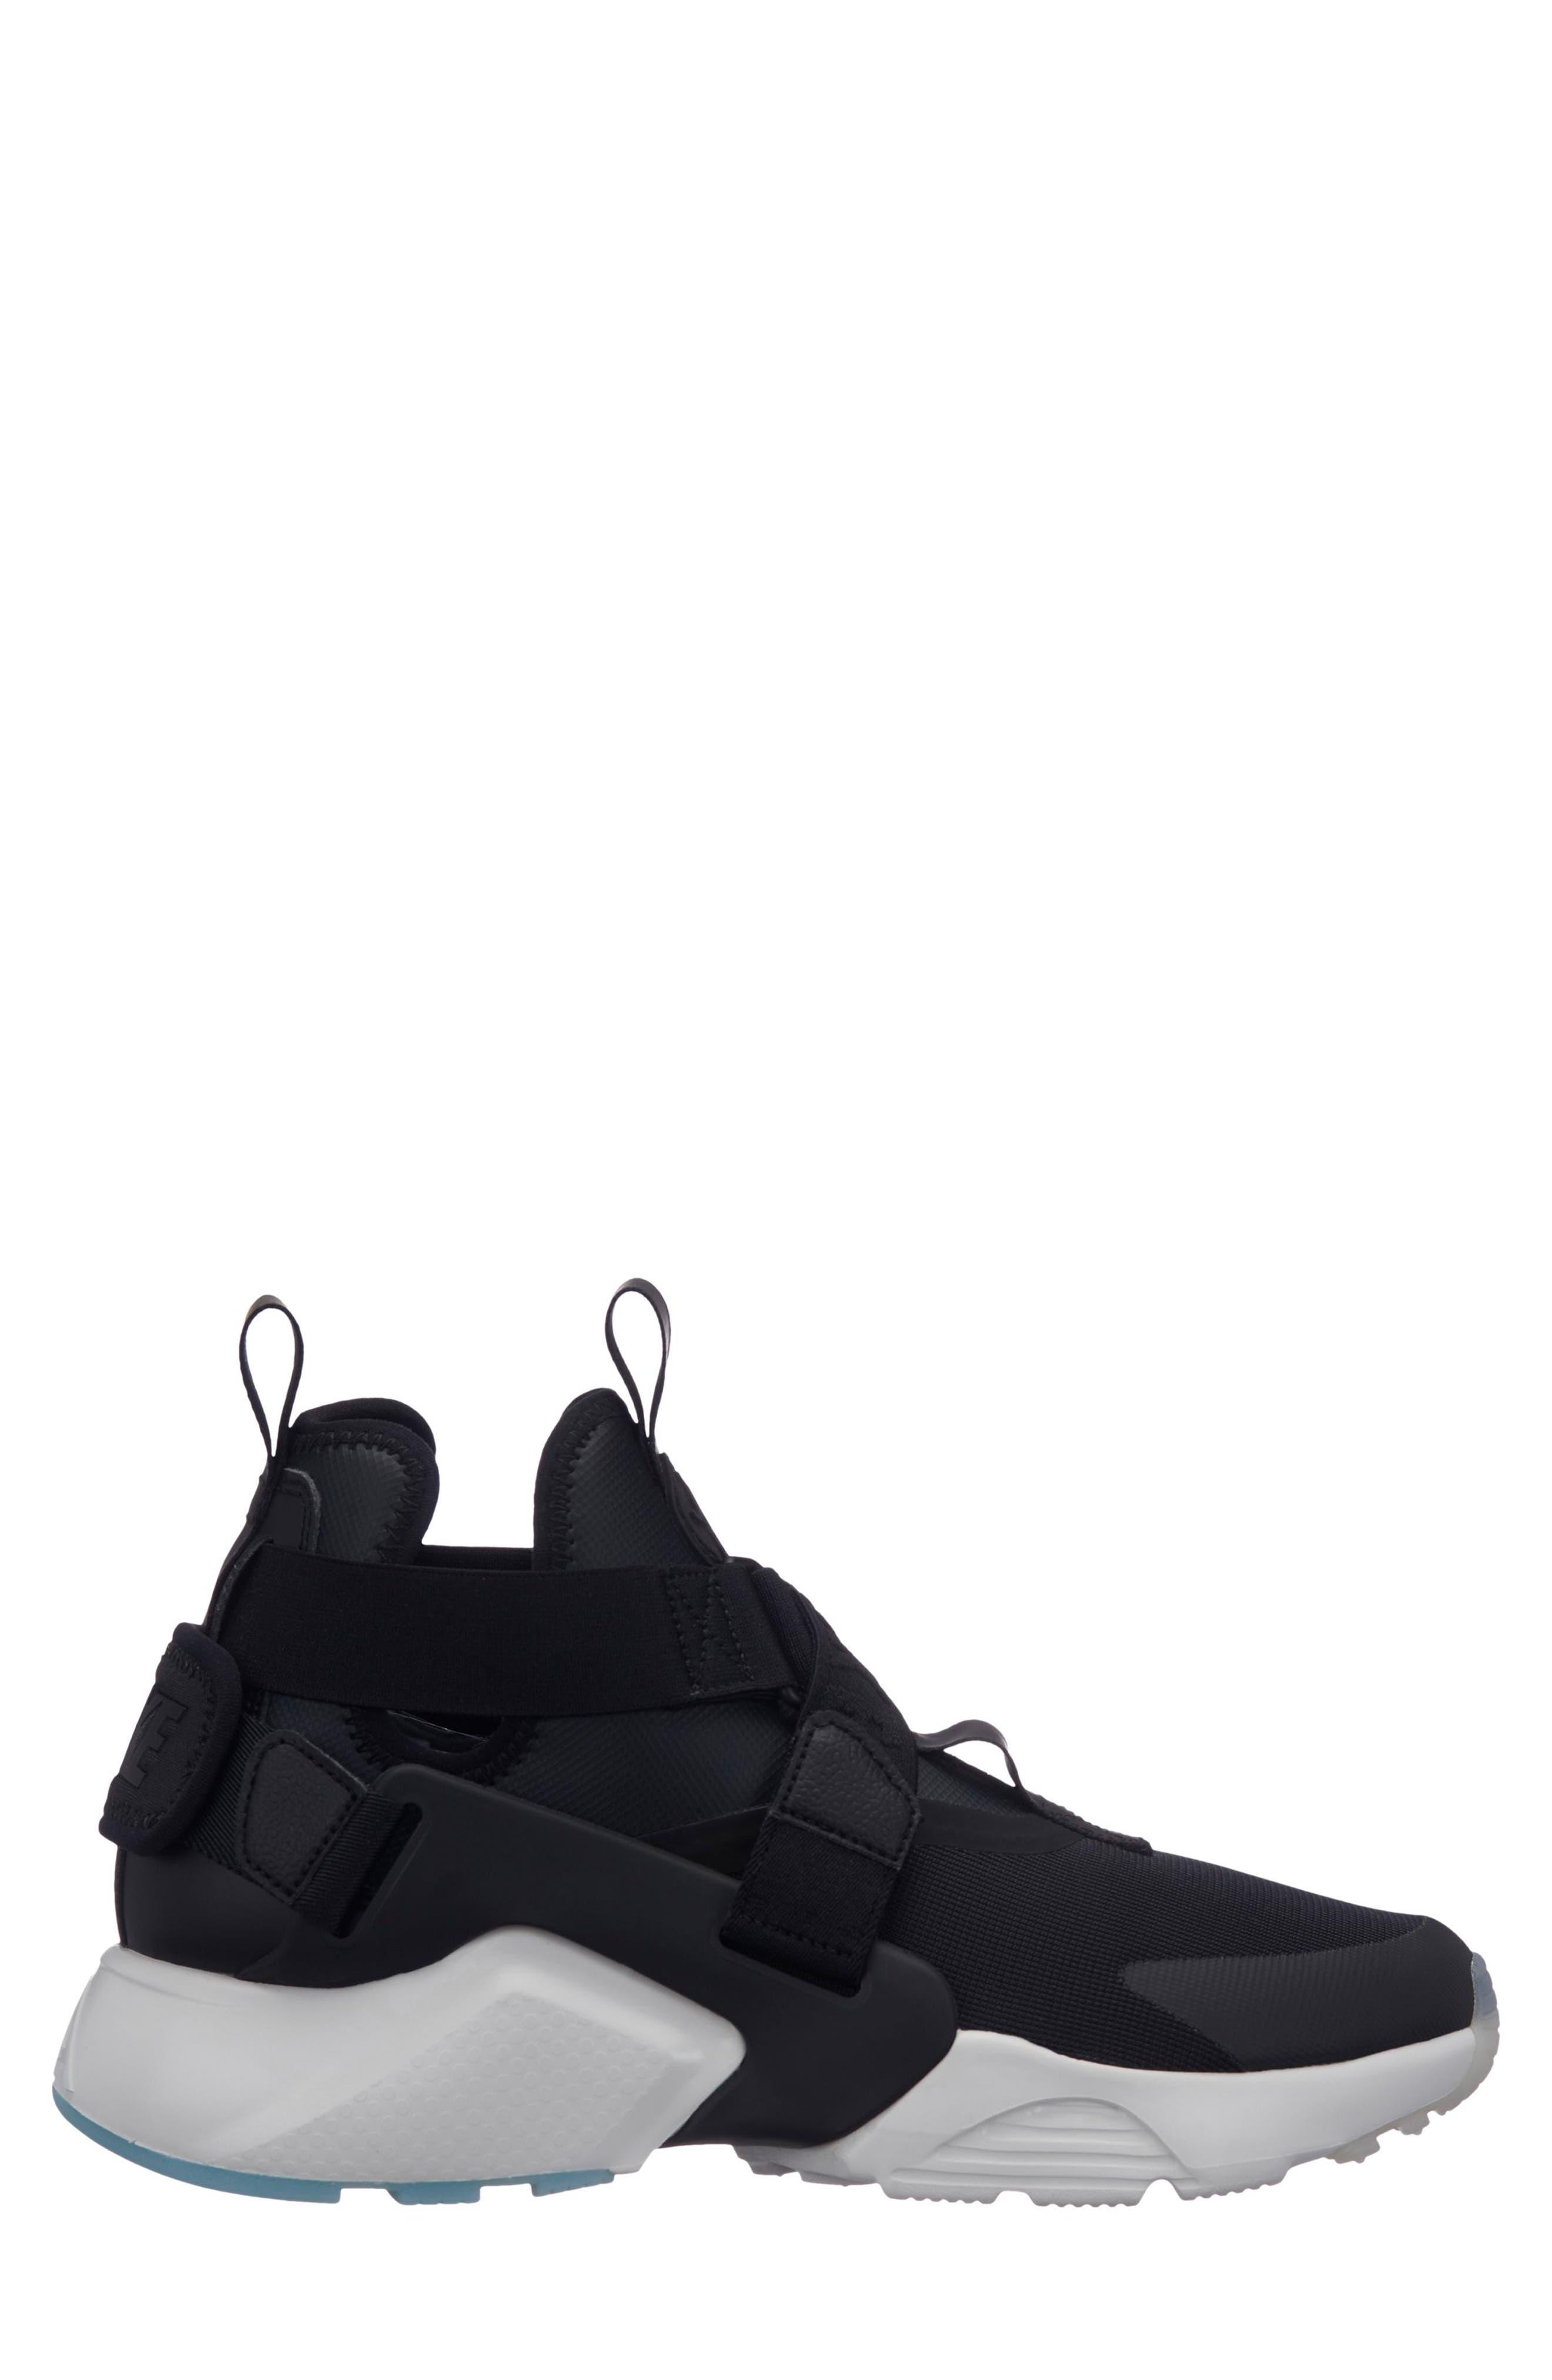 NIKE, Air Huarache City Sneaker, Main thumbnail 1, color, BLACK/ BLACK/ WHITE/ ICE